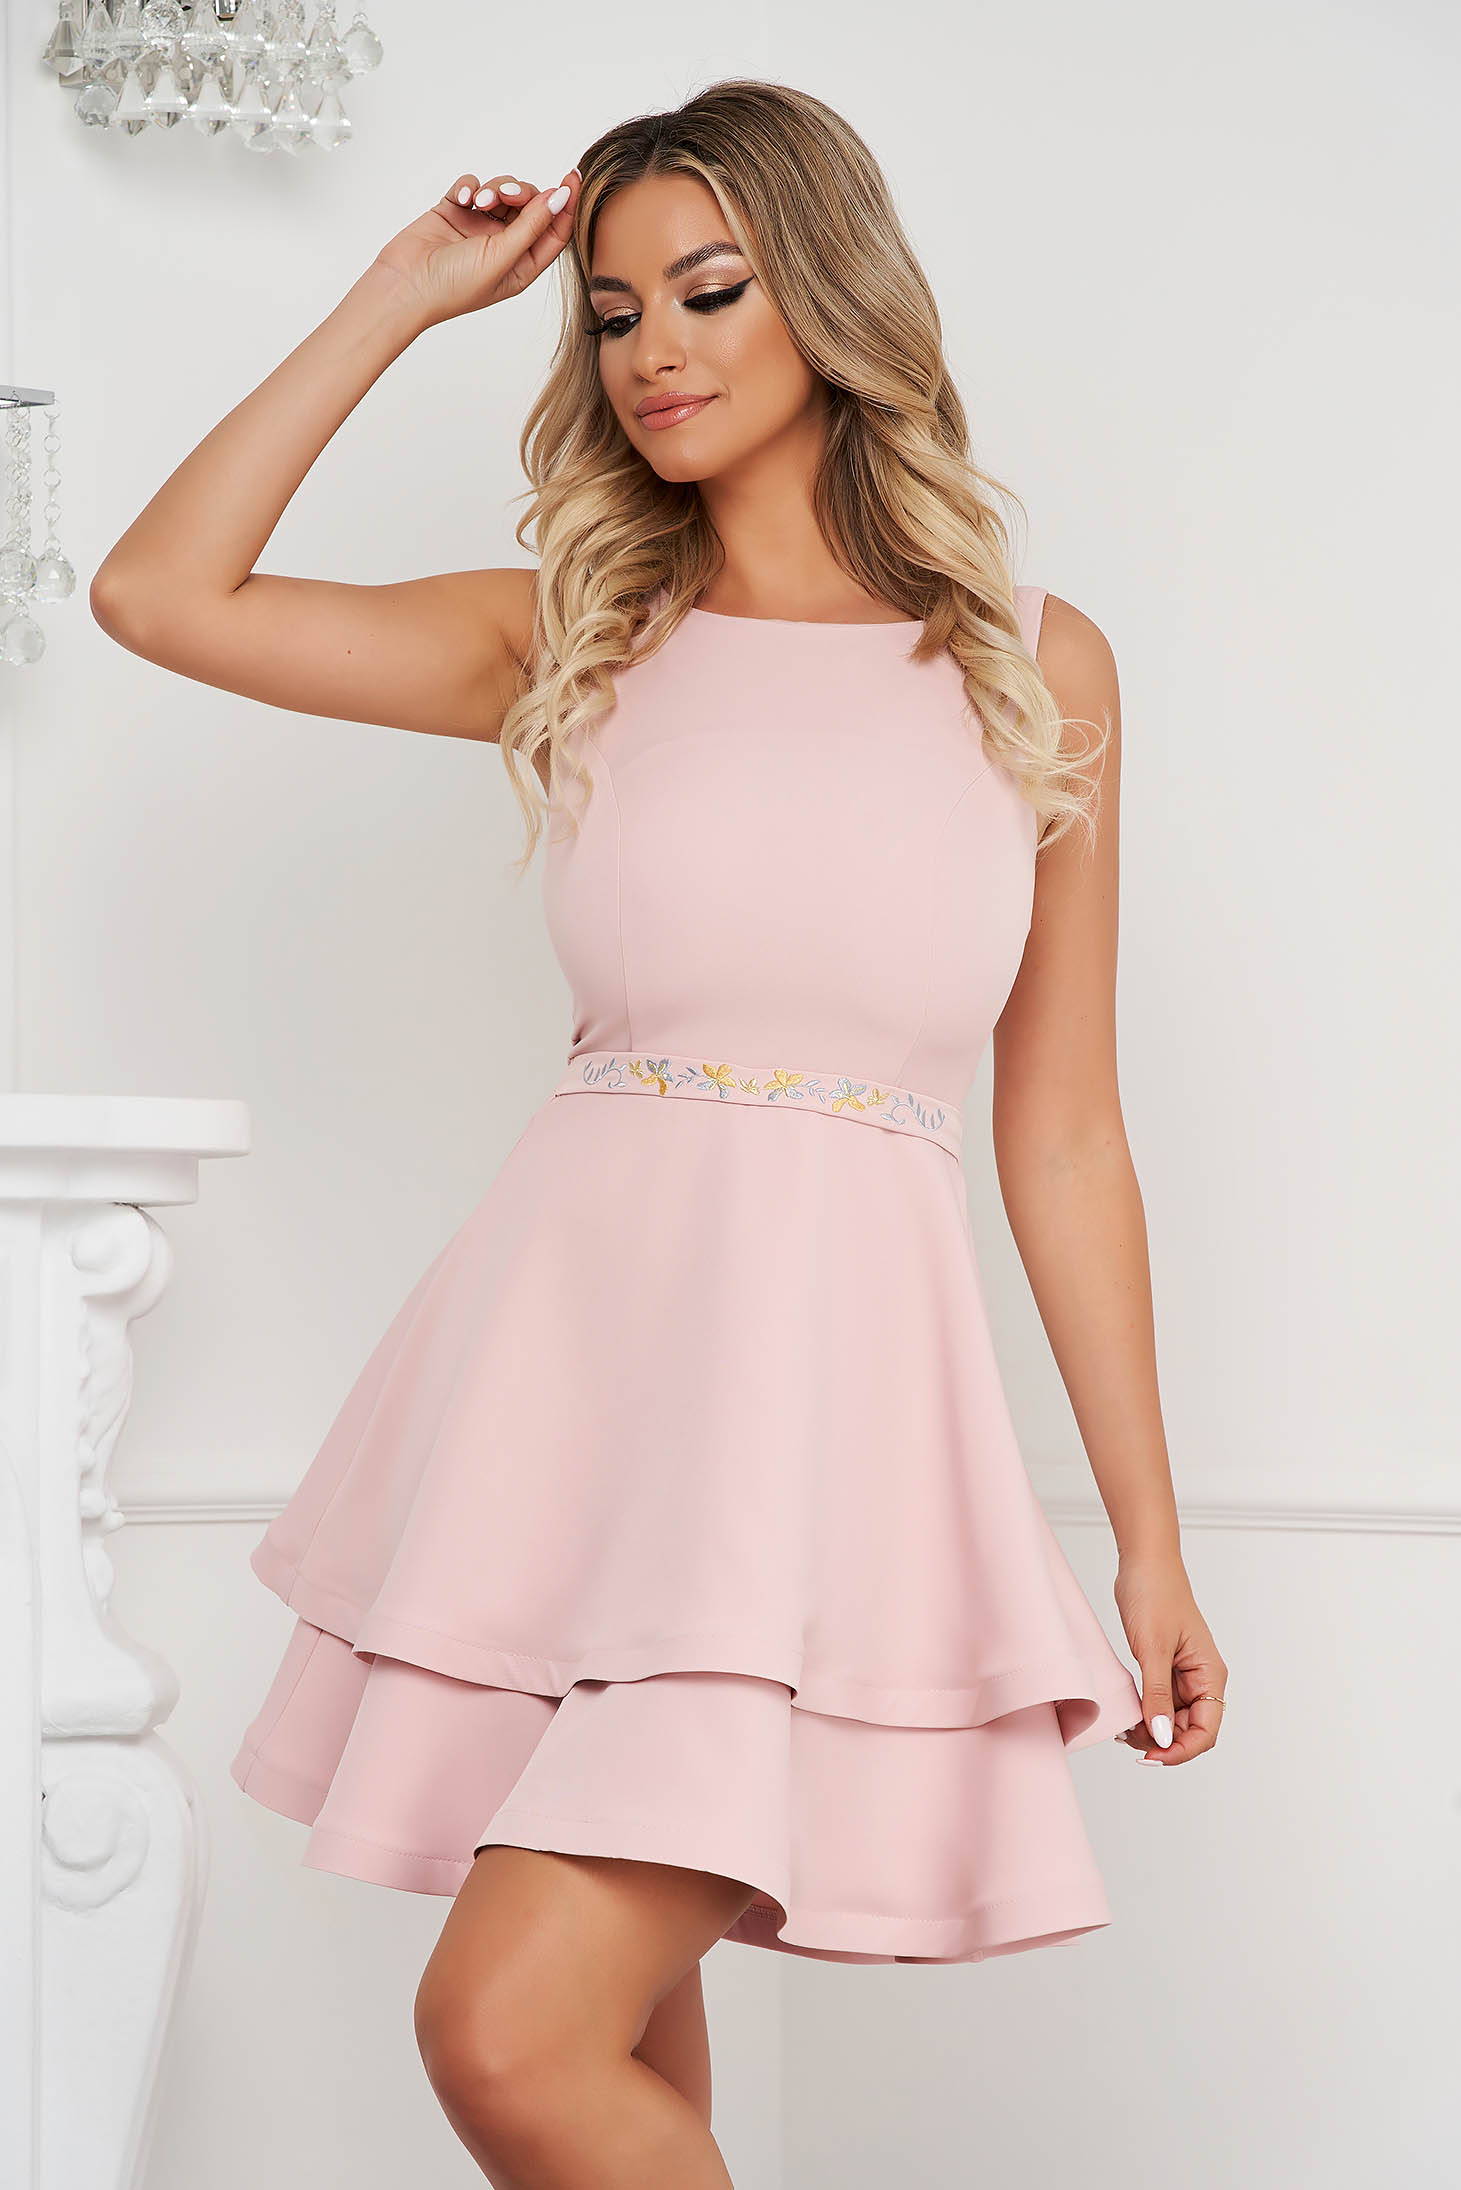 Alkalmi púder rózsaszínű StarShinerS rövid ruha virágos hímzéssel, harang alakú szoknyarésszel, vékony anyagú szövetből